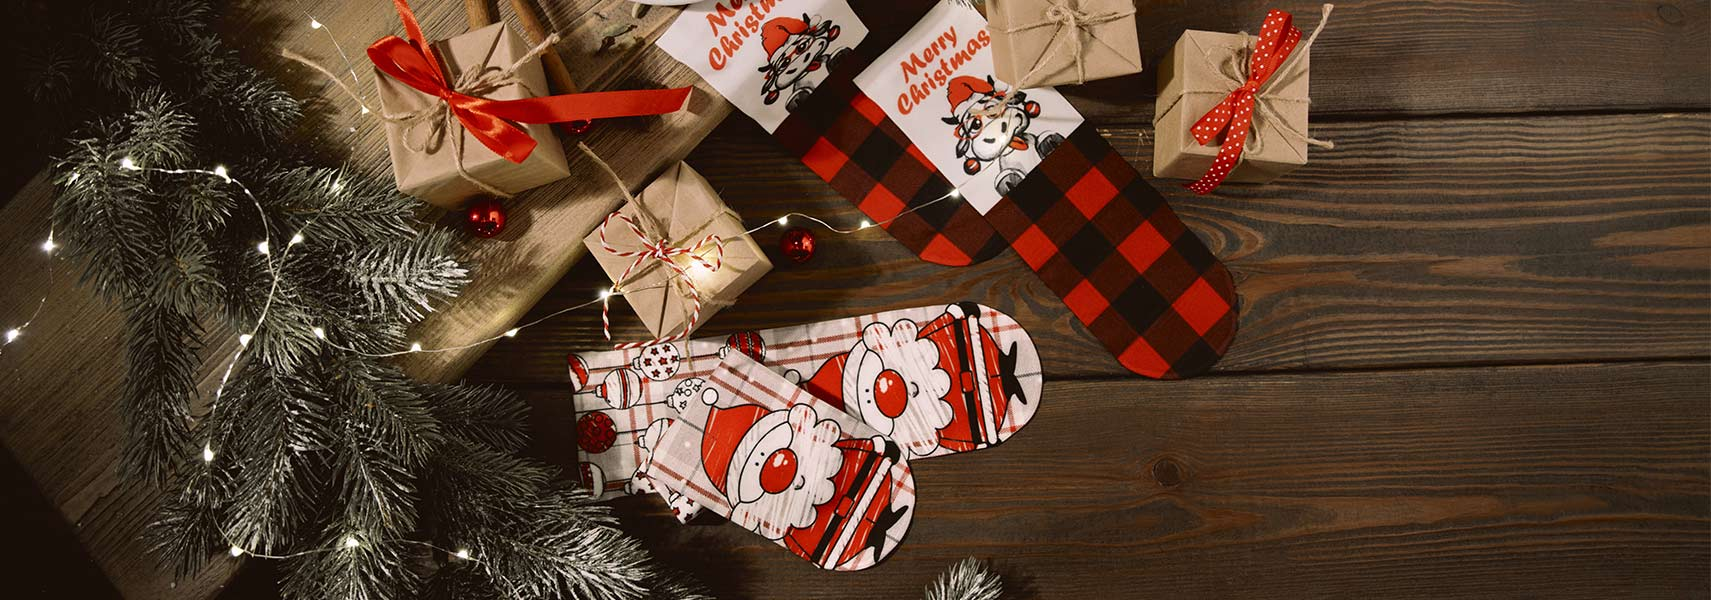 Коллекция новогодних носков и колготок